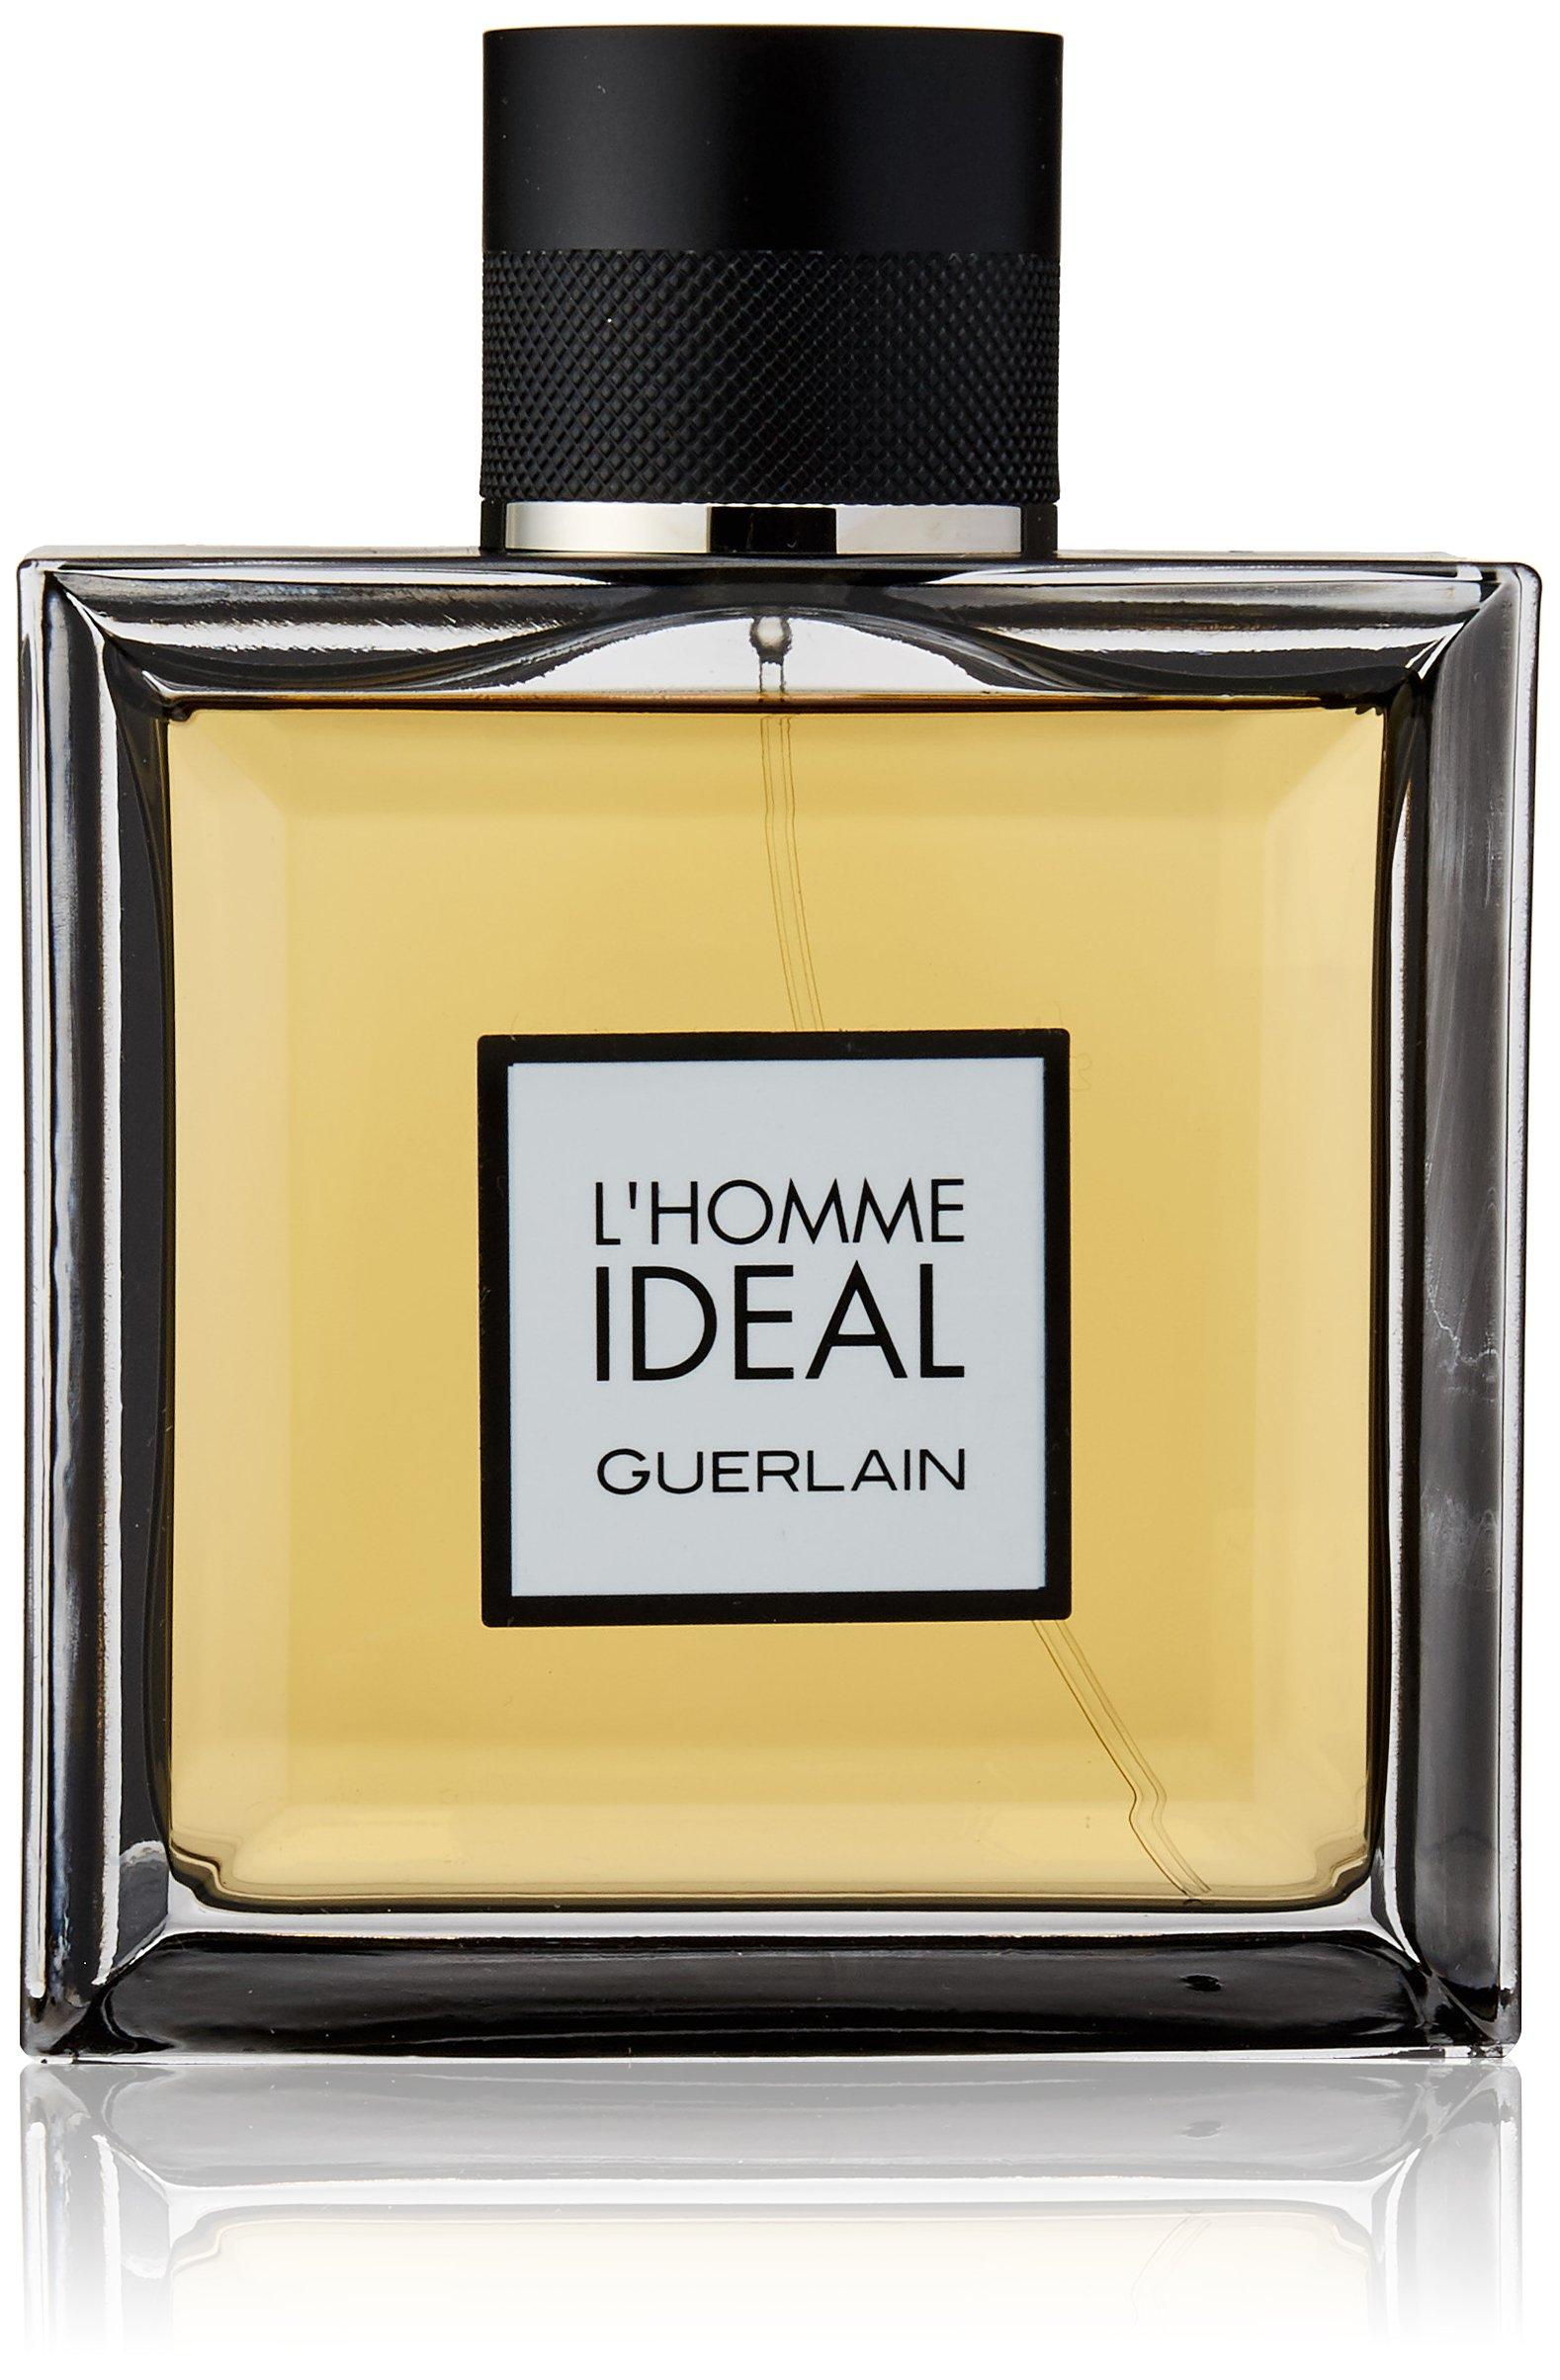 guerlain l 39 homme ideal eau de parfum spray for men 3 3 ounce beauty. Black Bedroom Furniture Sets. Home Design Ideas